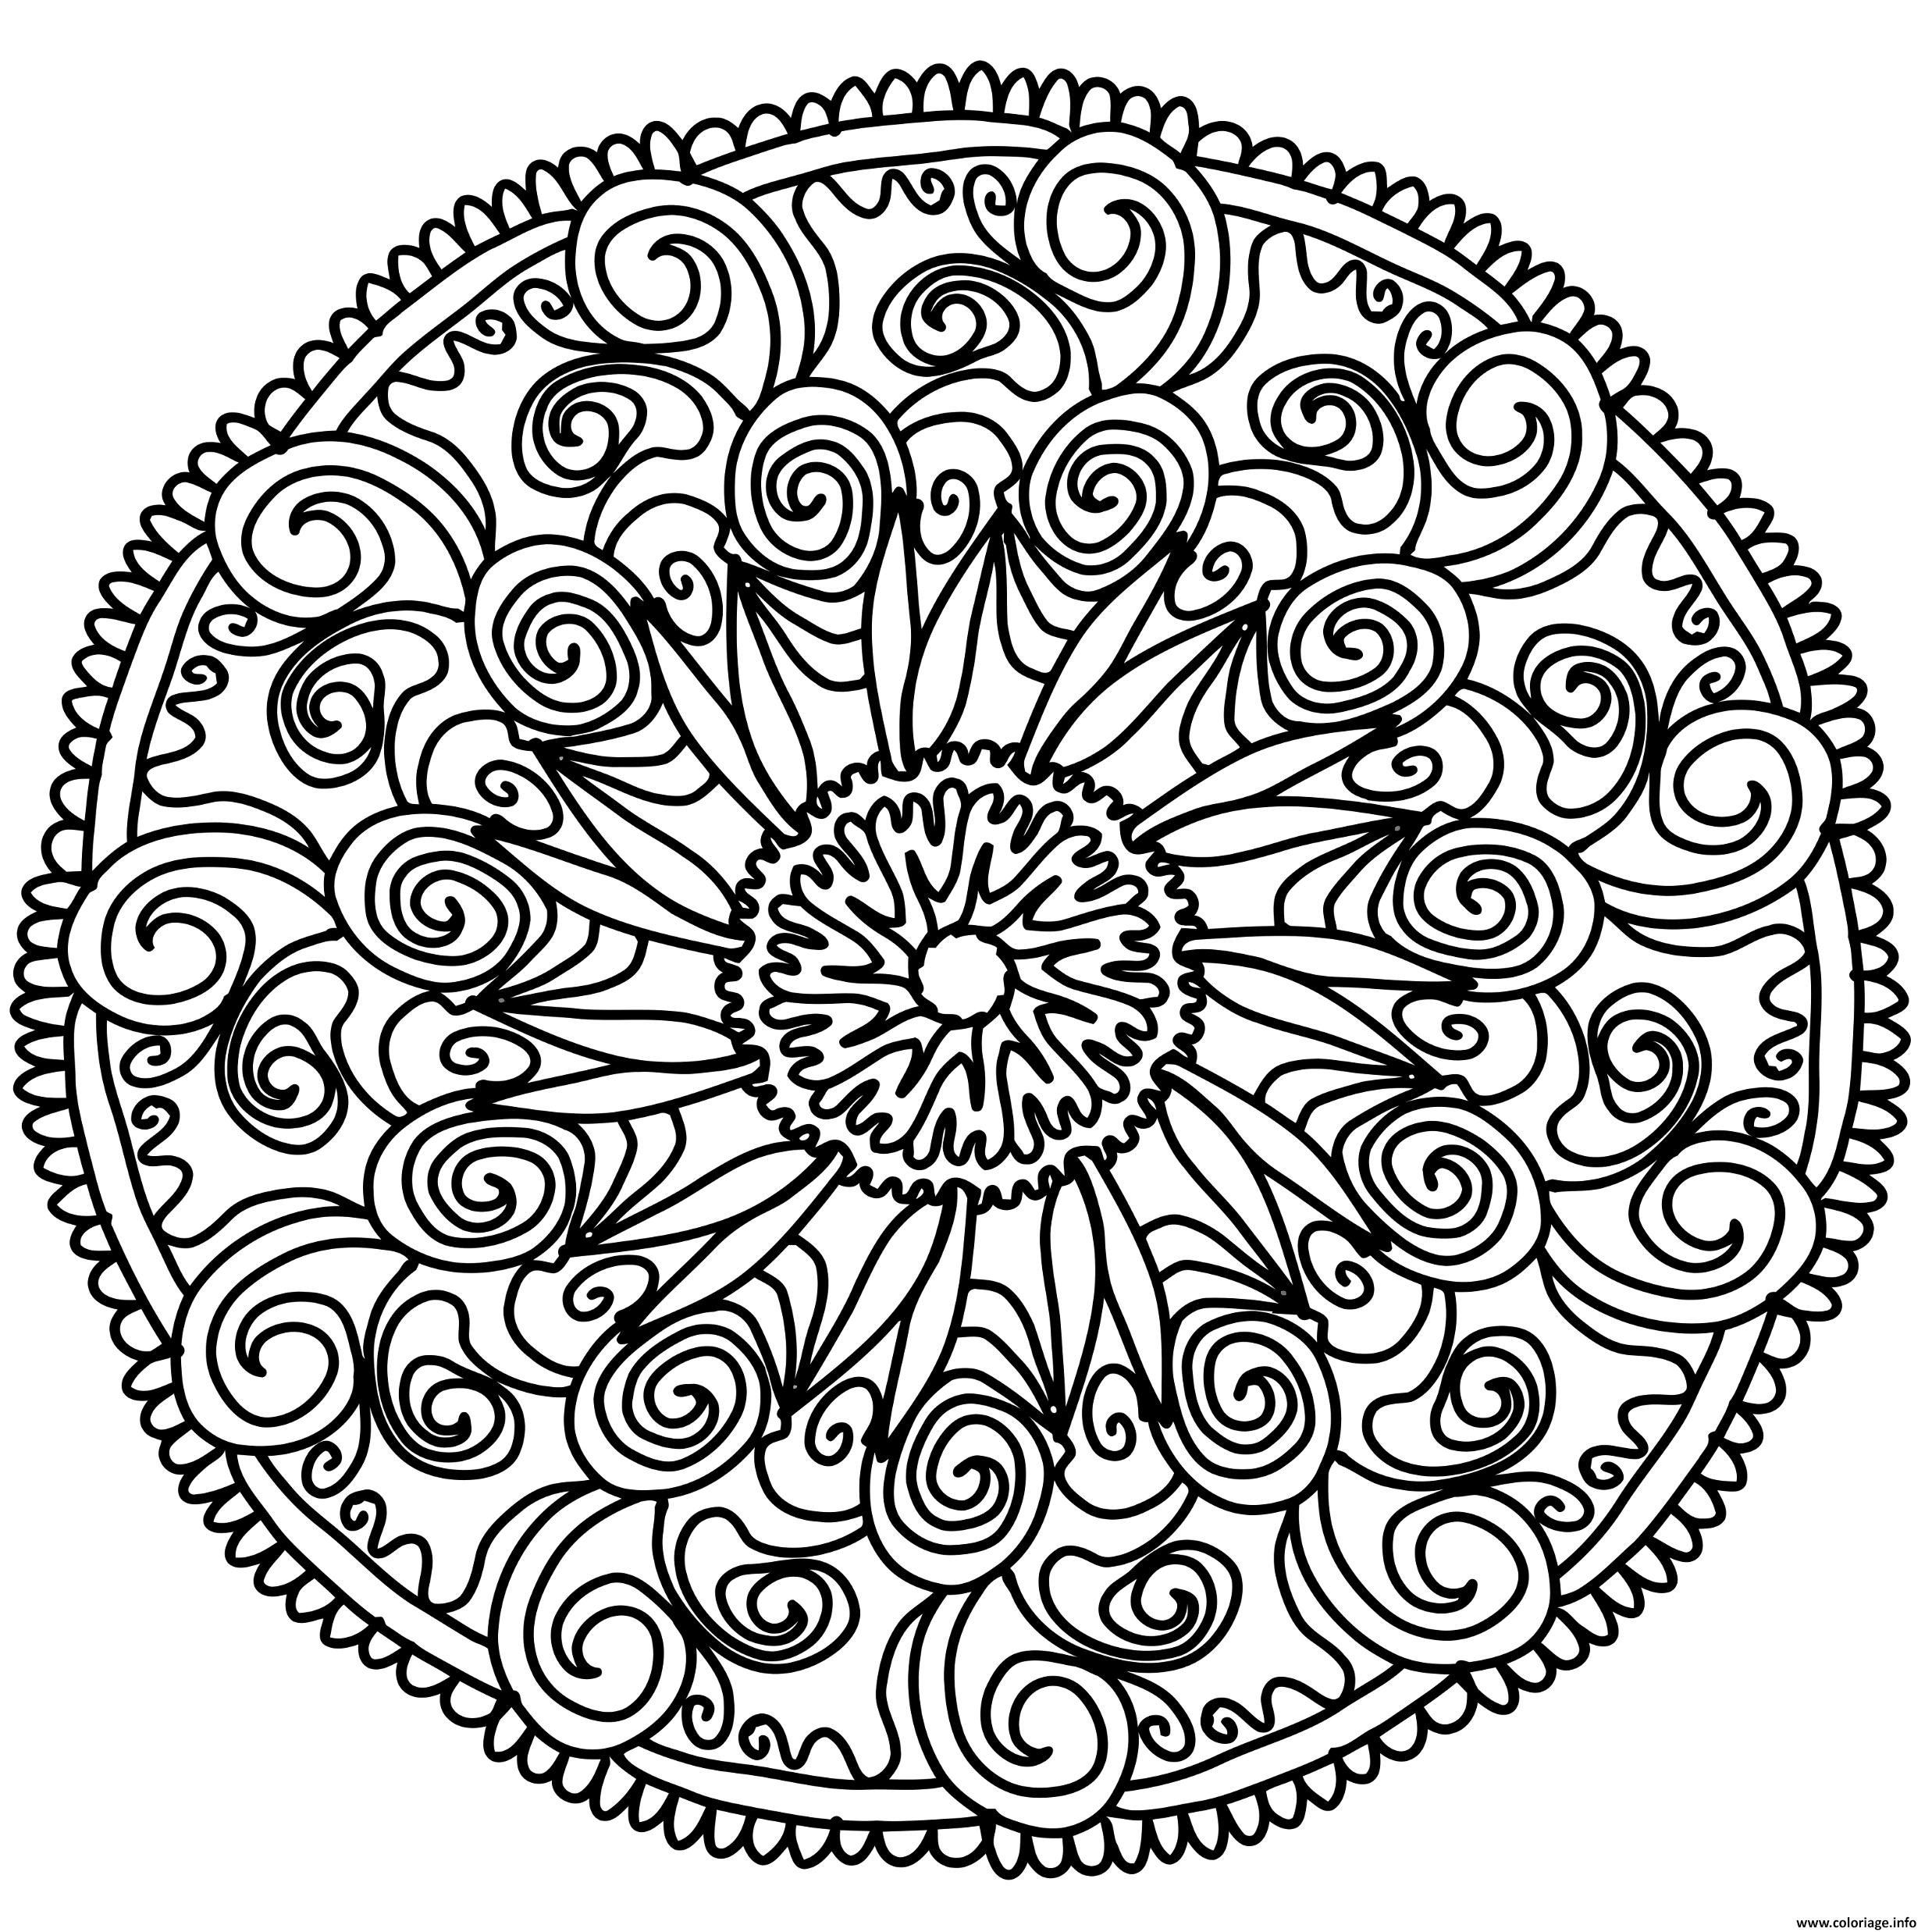 Dessin flowers mandala Coloriage Gratuit à Imprimer